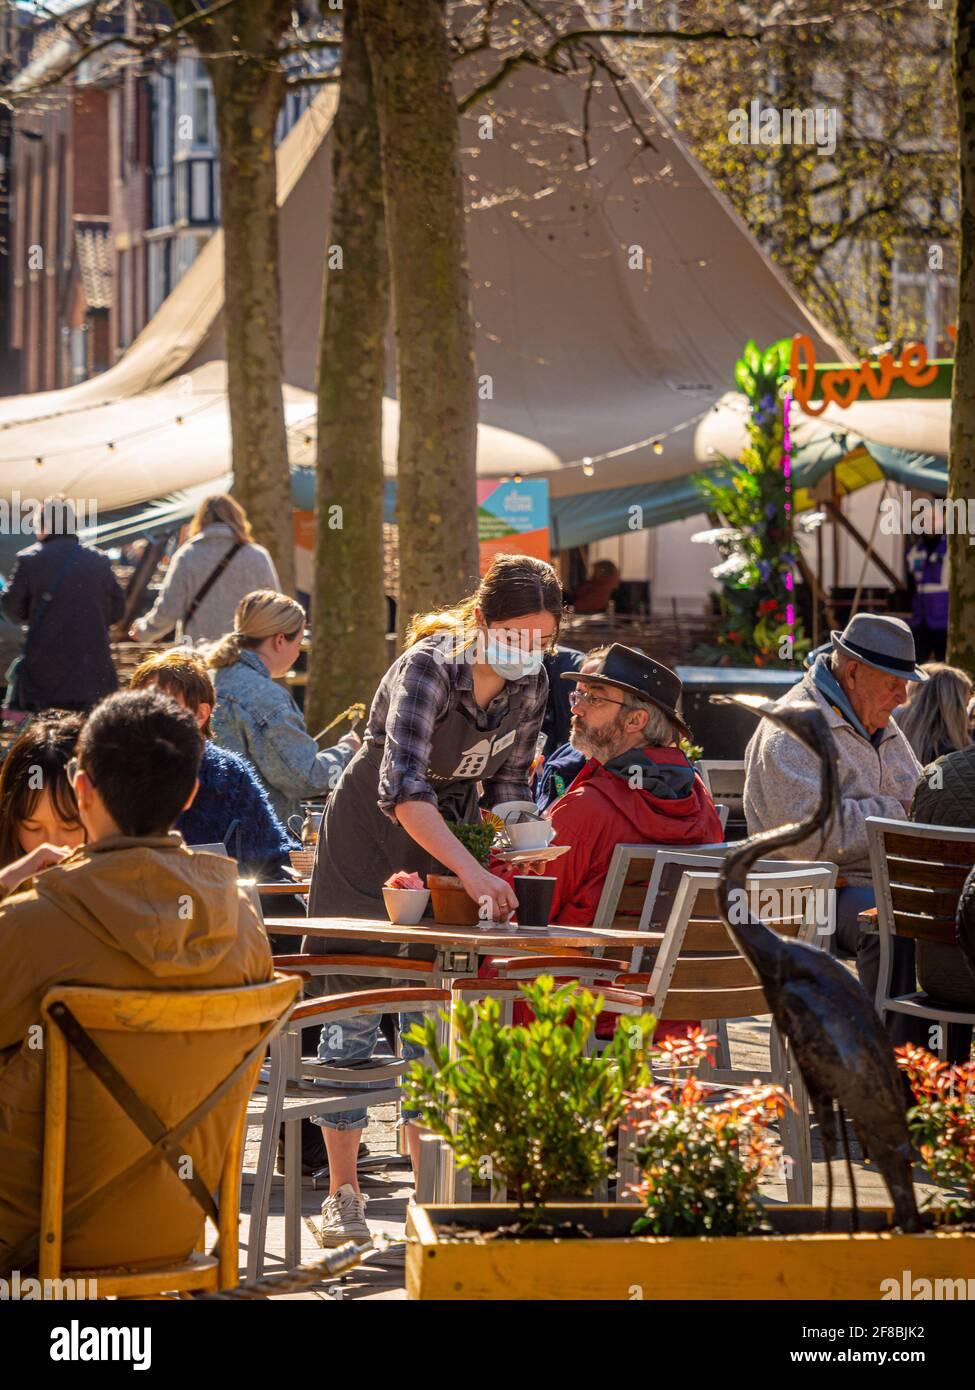 Le persone si divertono a incontrarsi all'aperto nei bar e nei bar del centro di York dopo aver alleggerito le restrizioni di blocco dovute al covid-19, aprile 2021. Foto Stock